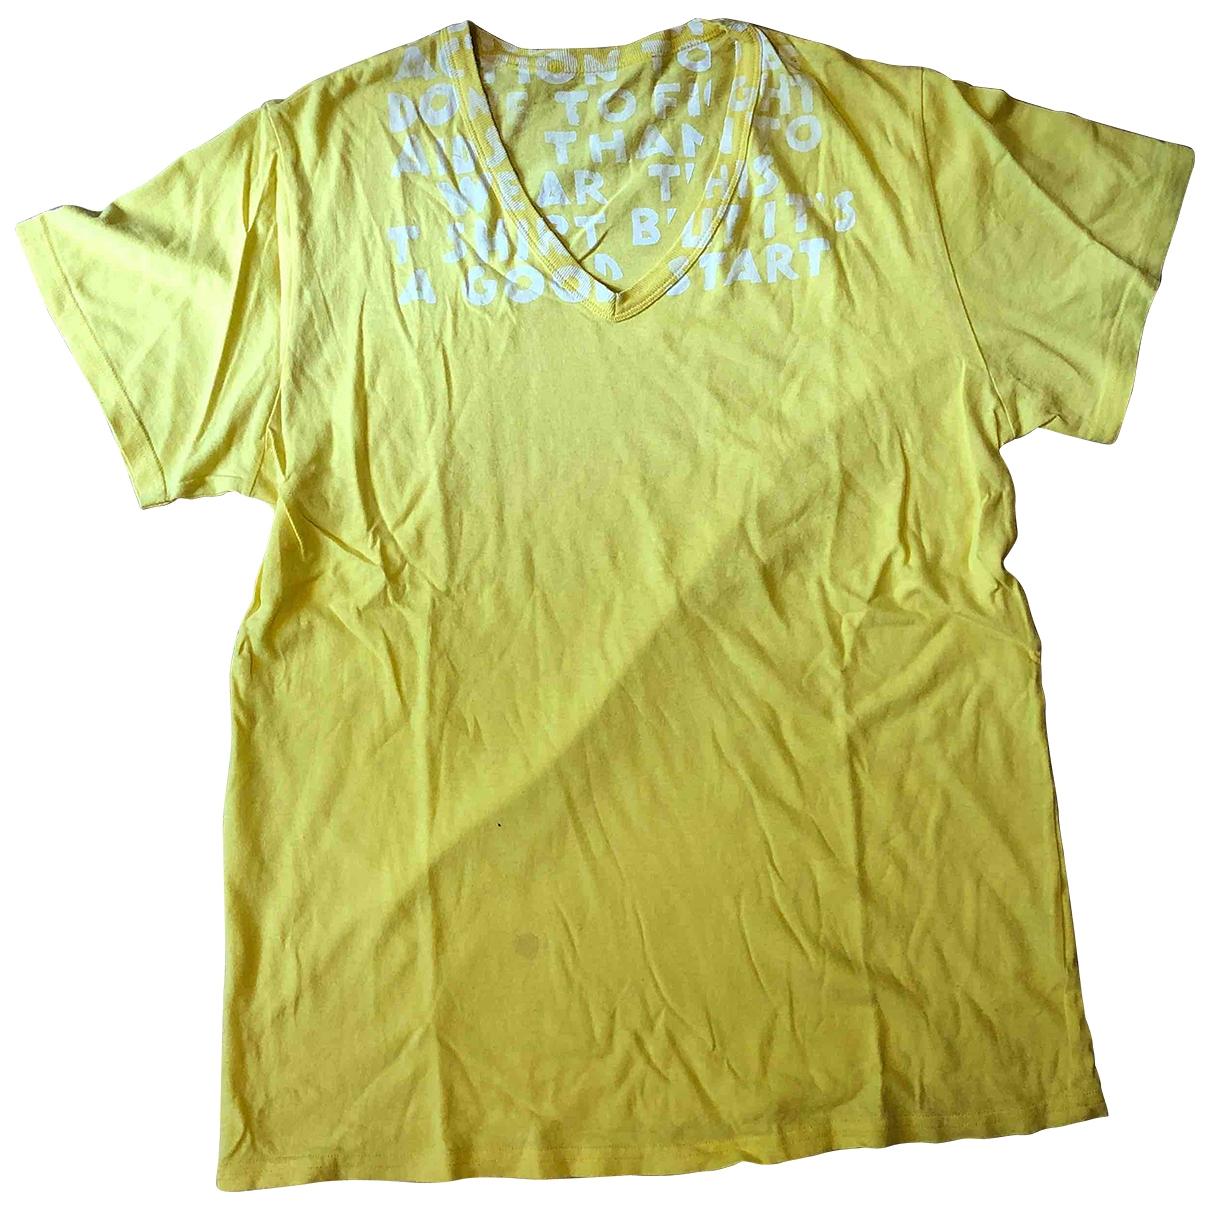 Maison Martin Margiela - Tee shirts   pour homme en coton - jaune